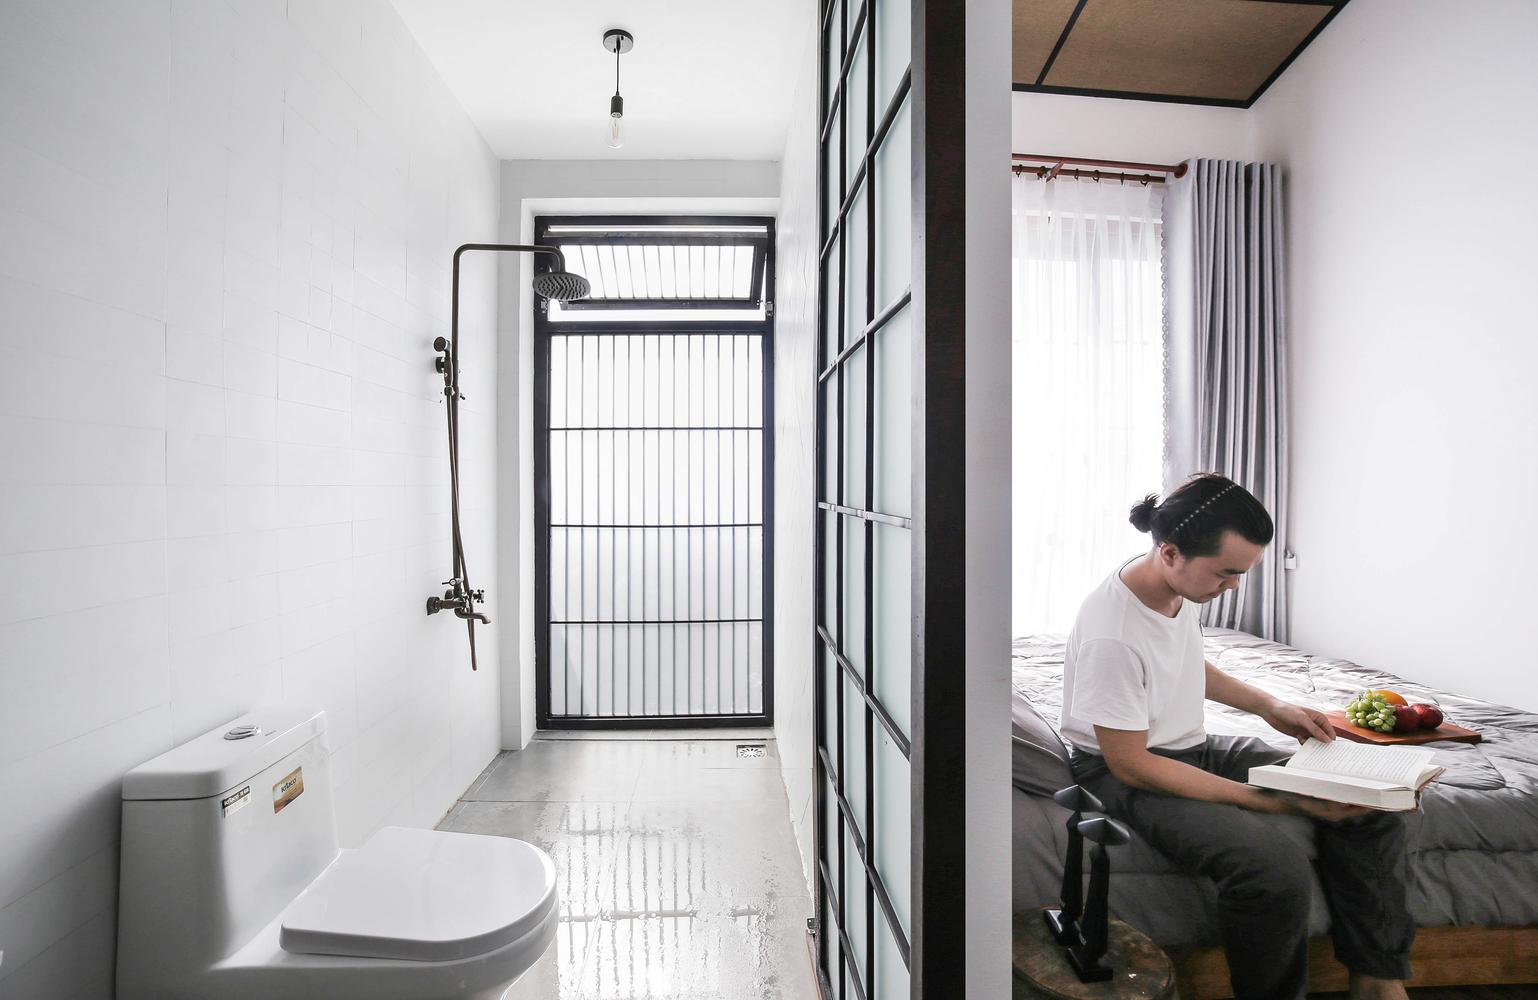 tama house - 37 copy 1571220187 - Ngôi nhà mang đậm phong cách Nhật Bản giữa thành phố Tây Ninh